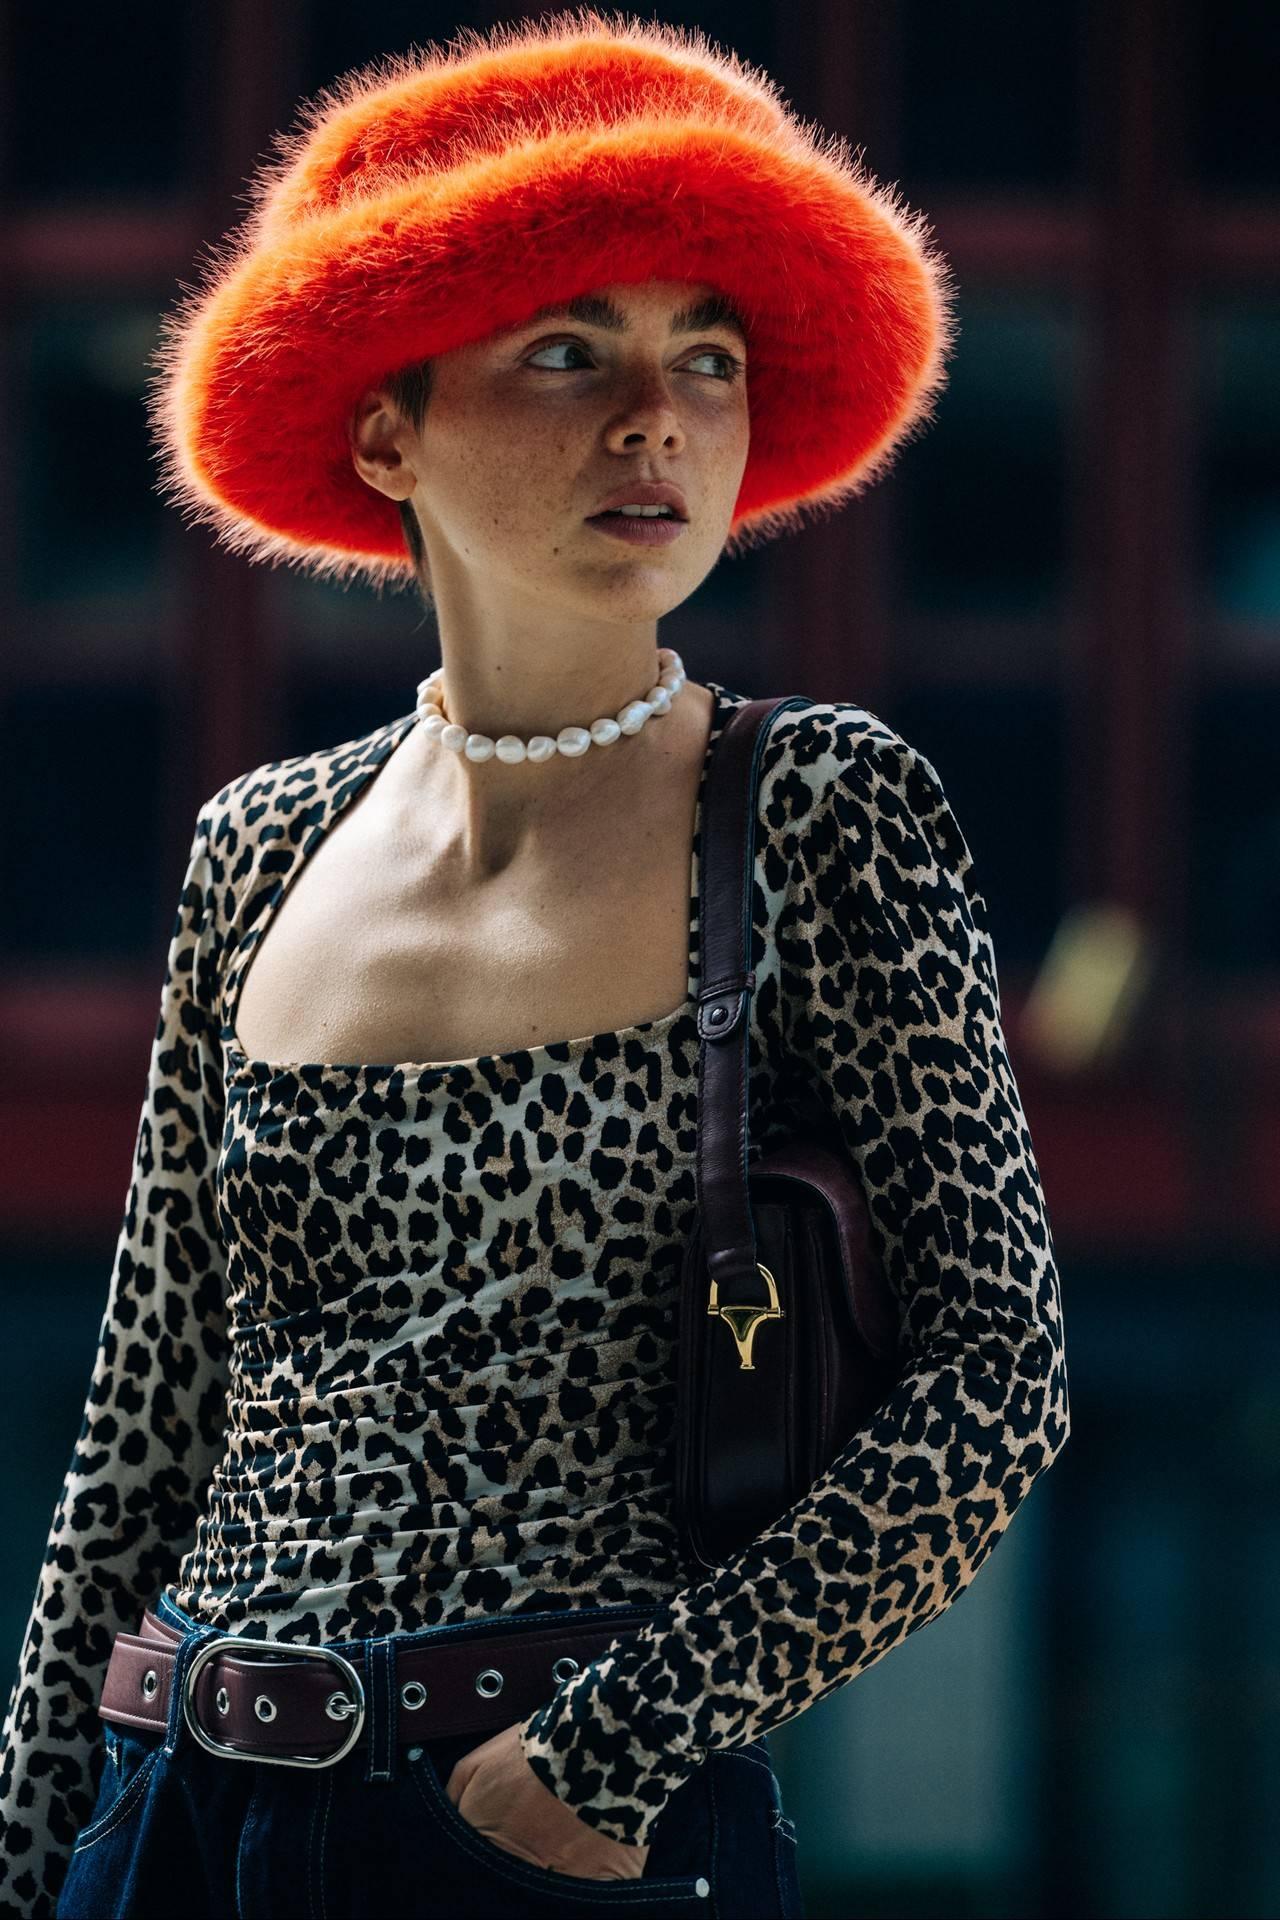 Image: Adam Katz Sinding, Stockholm Fashion Week